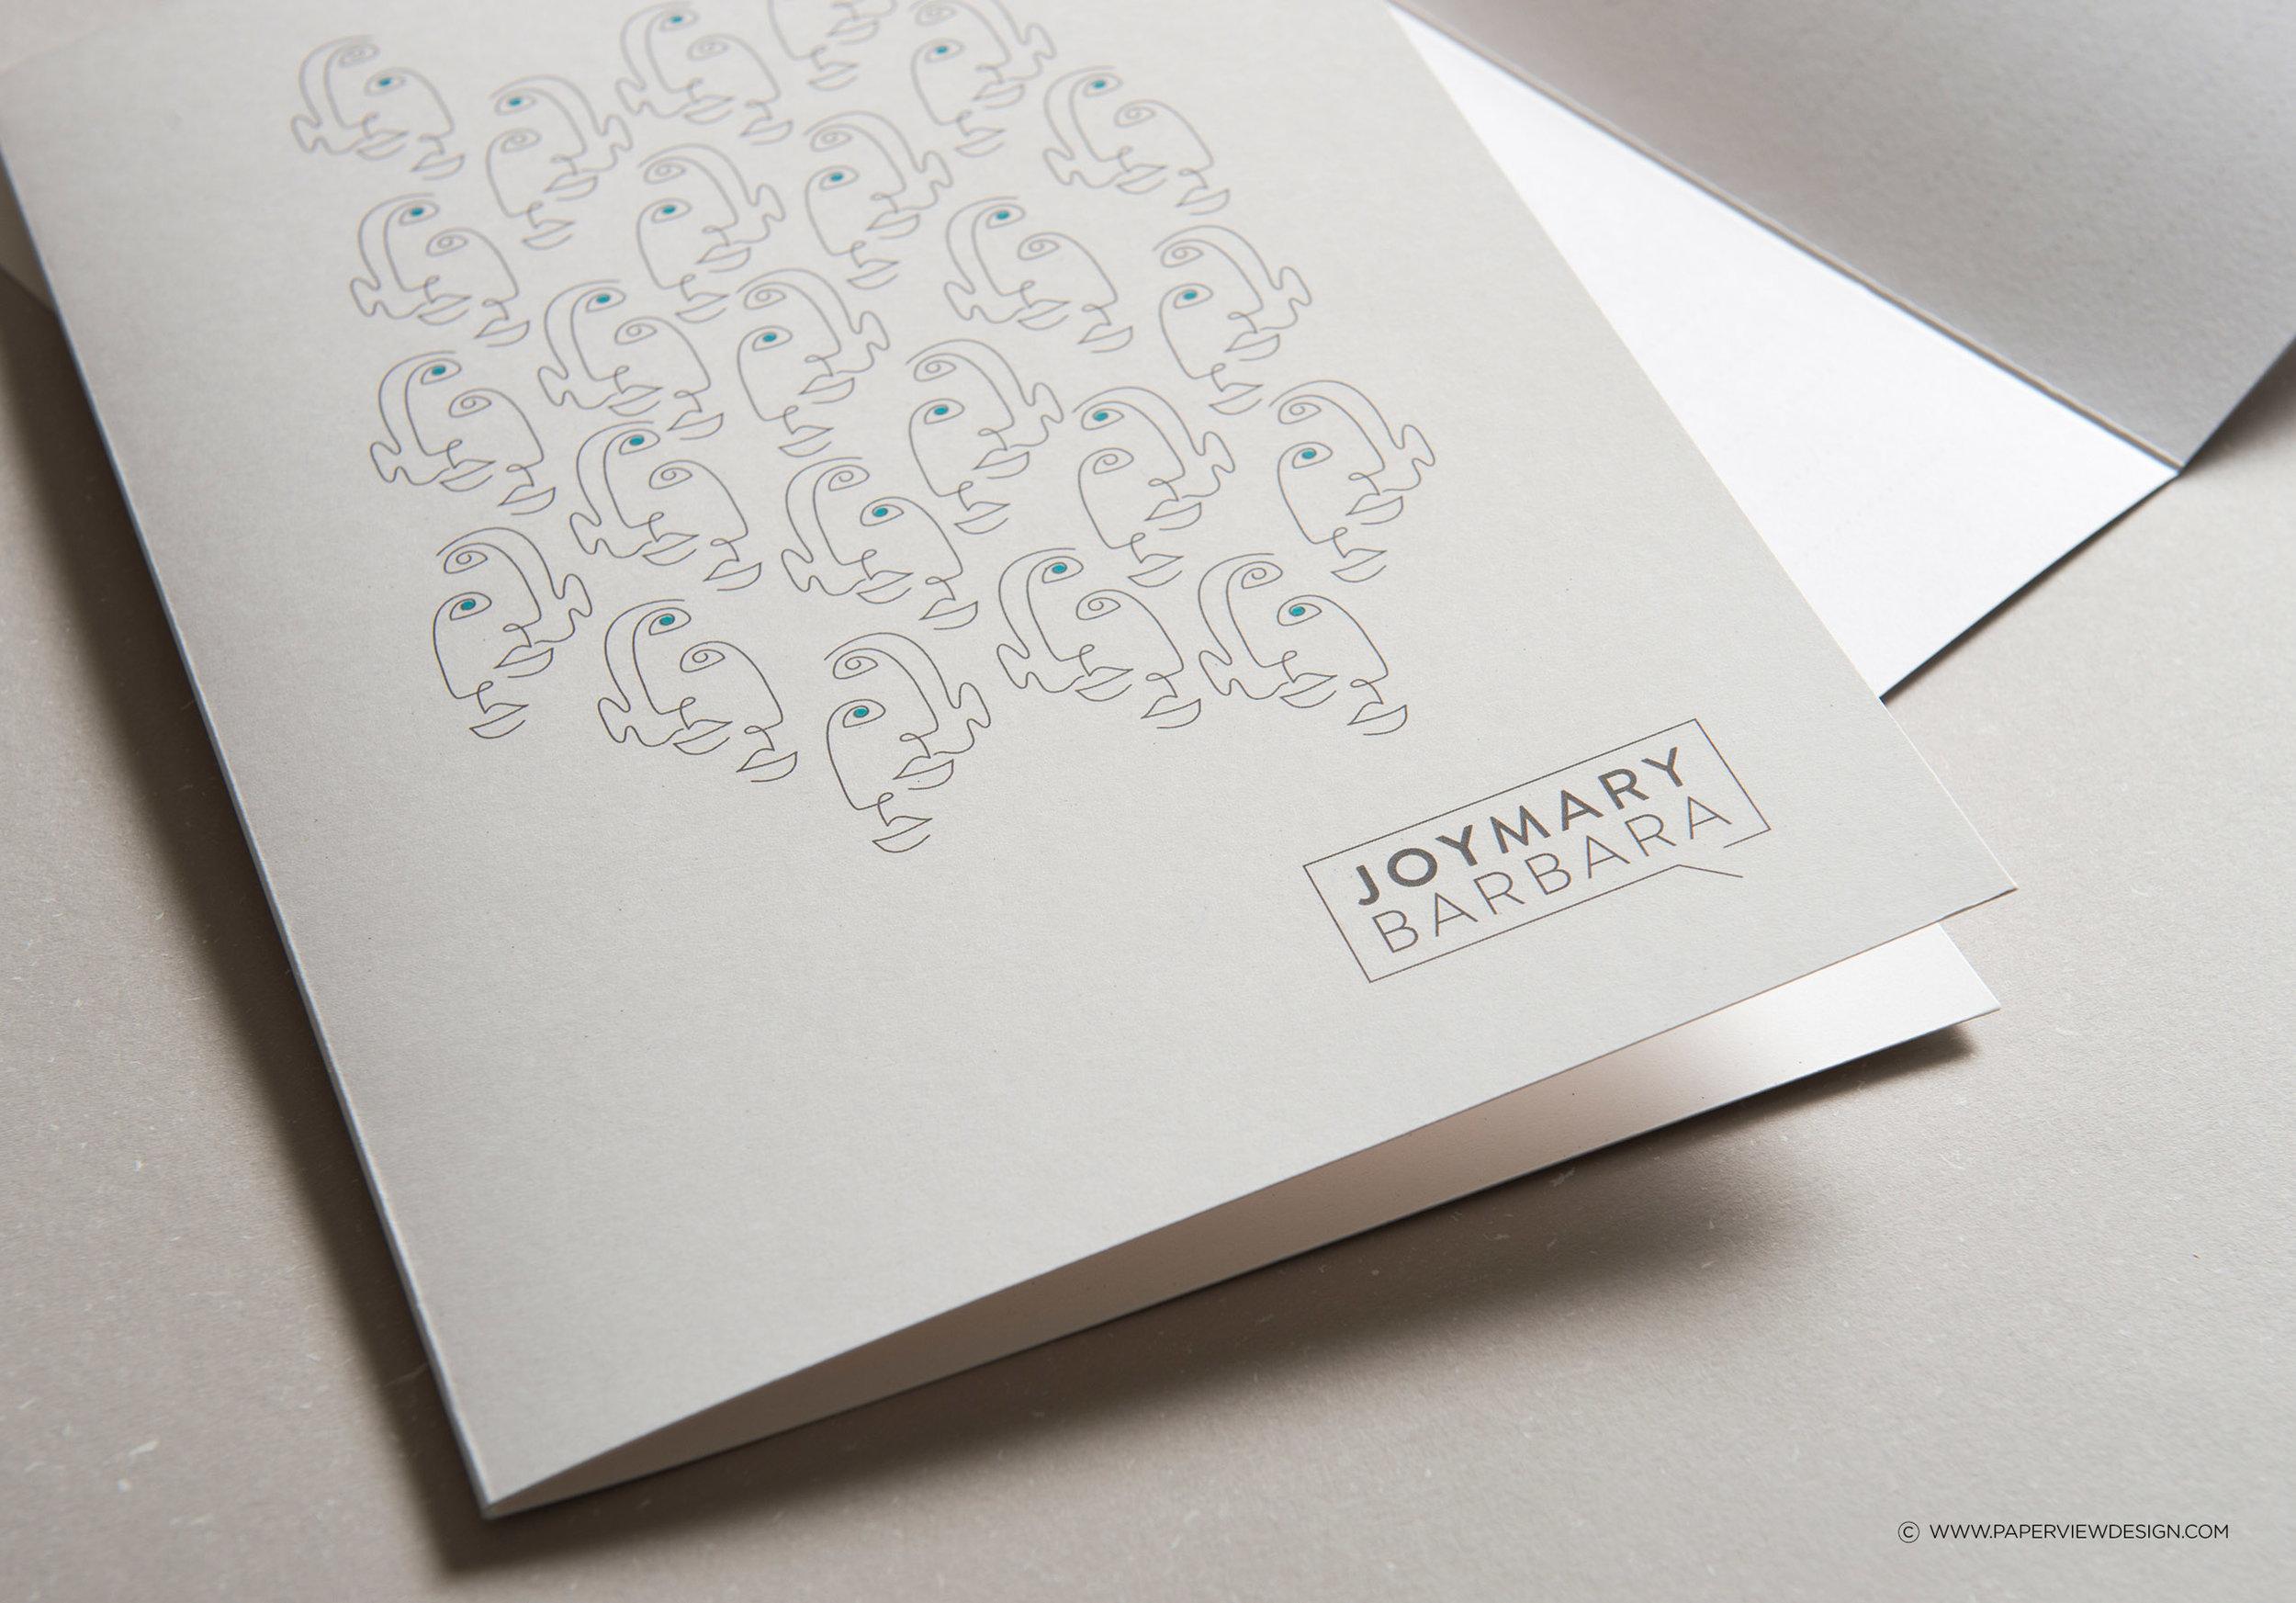 Joy-Mary-Barbara-Life-Coach-Logo-Note-Book